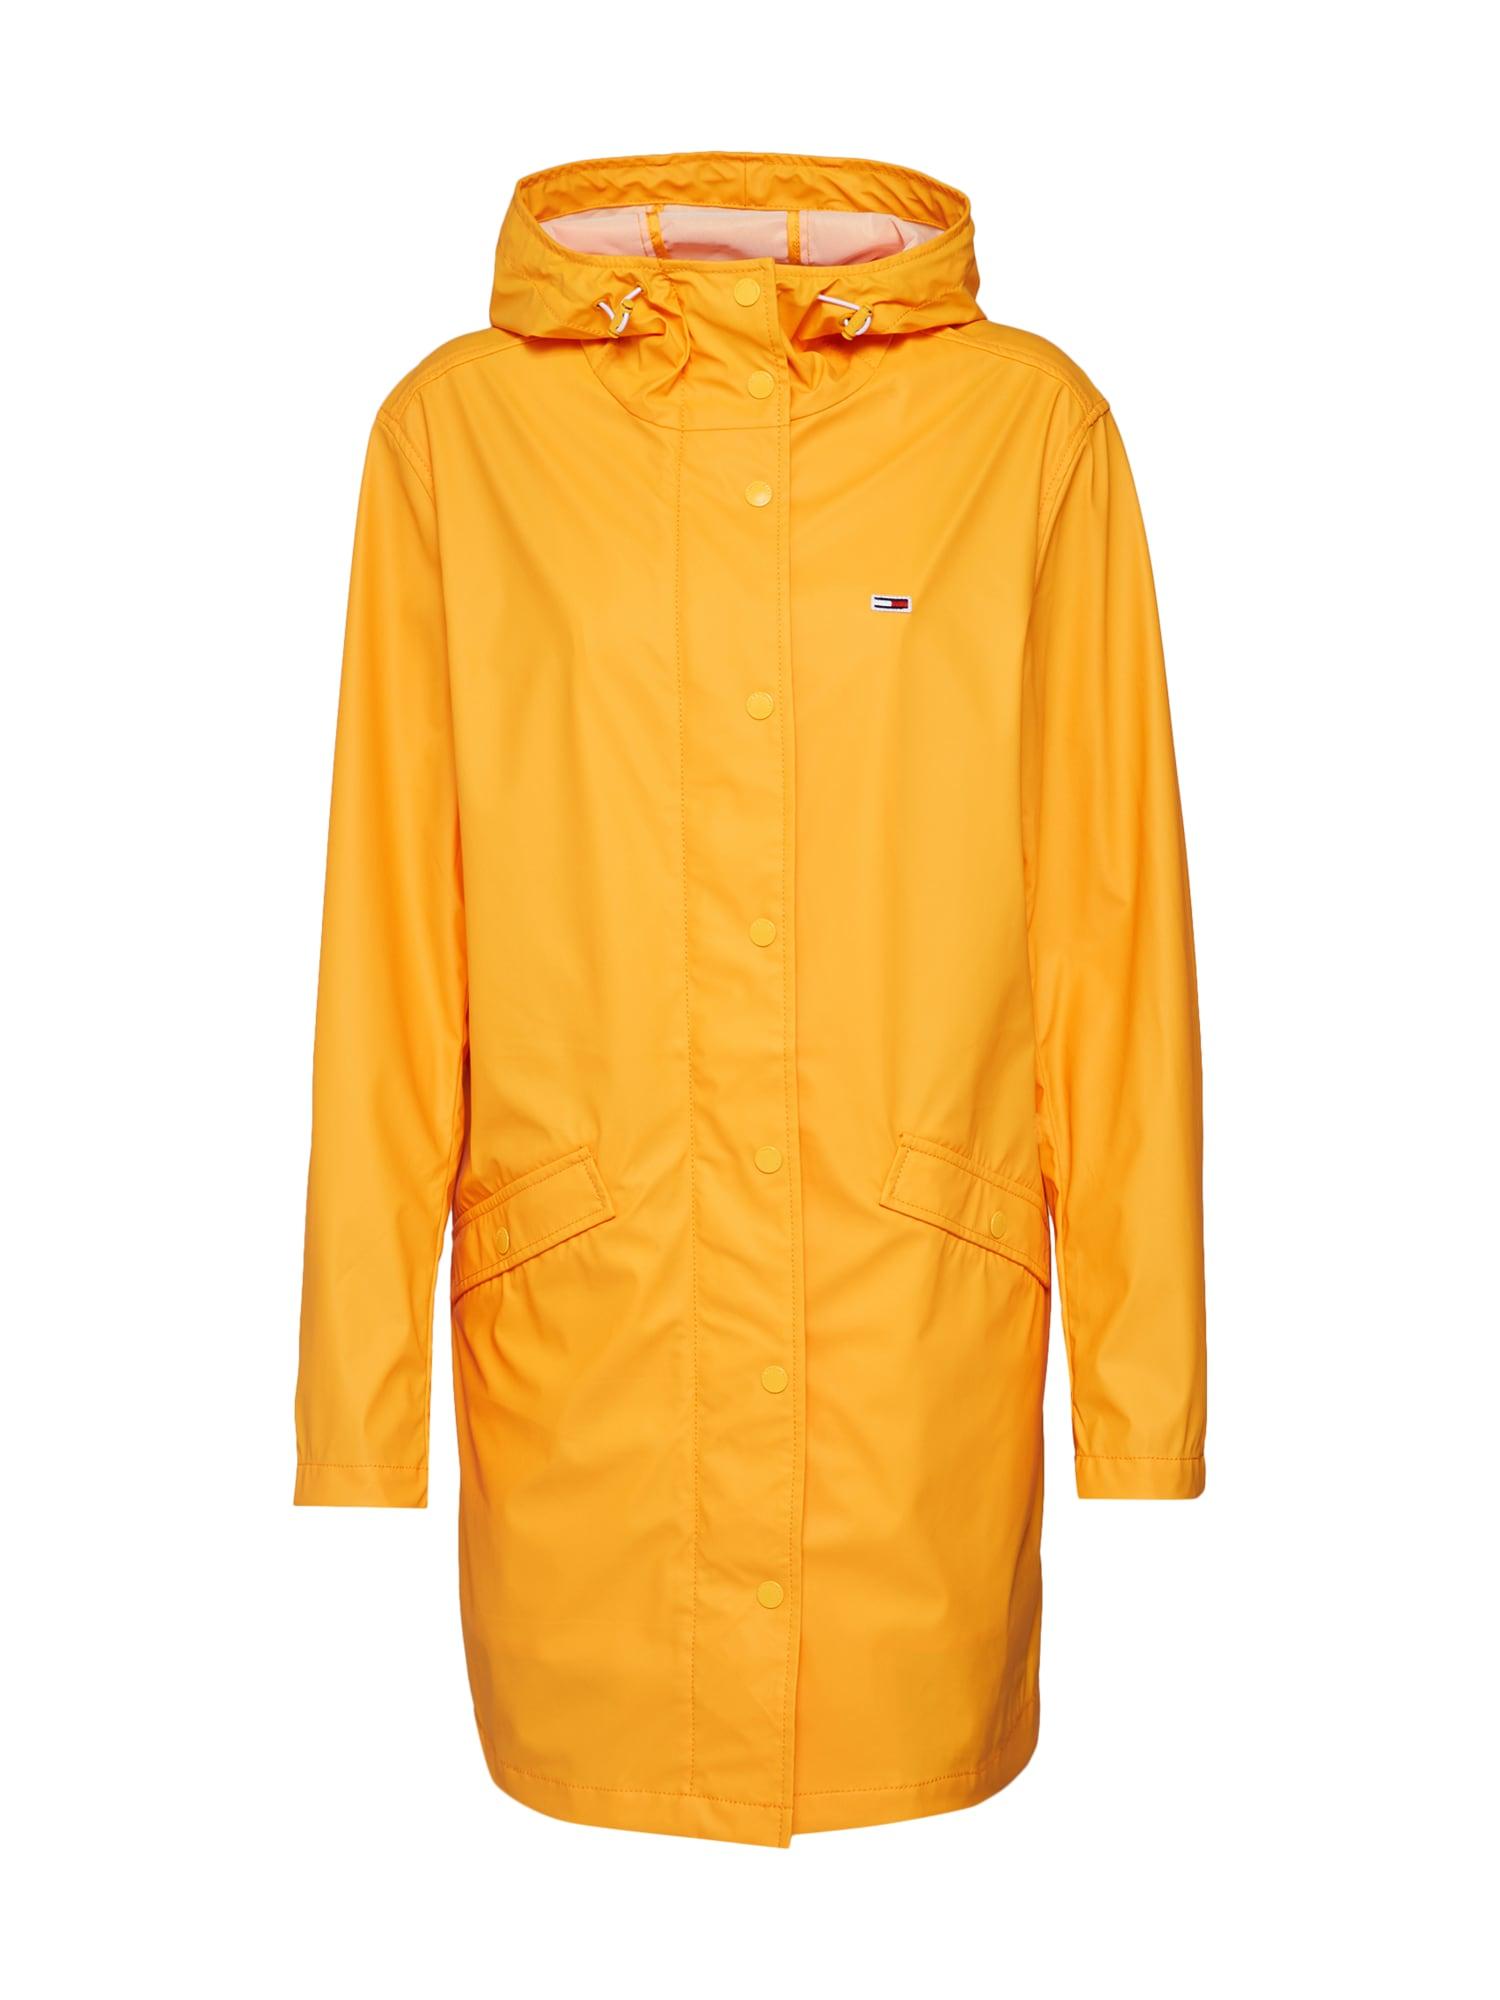 Přechodný kabát RAIN JACKET zlatě žlutá Tommy Jeans